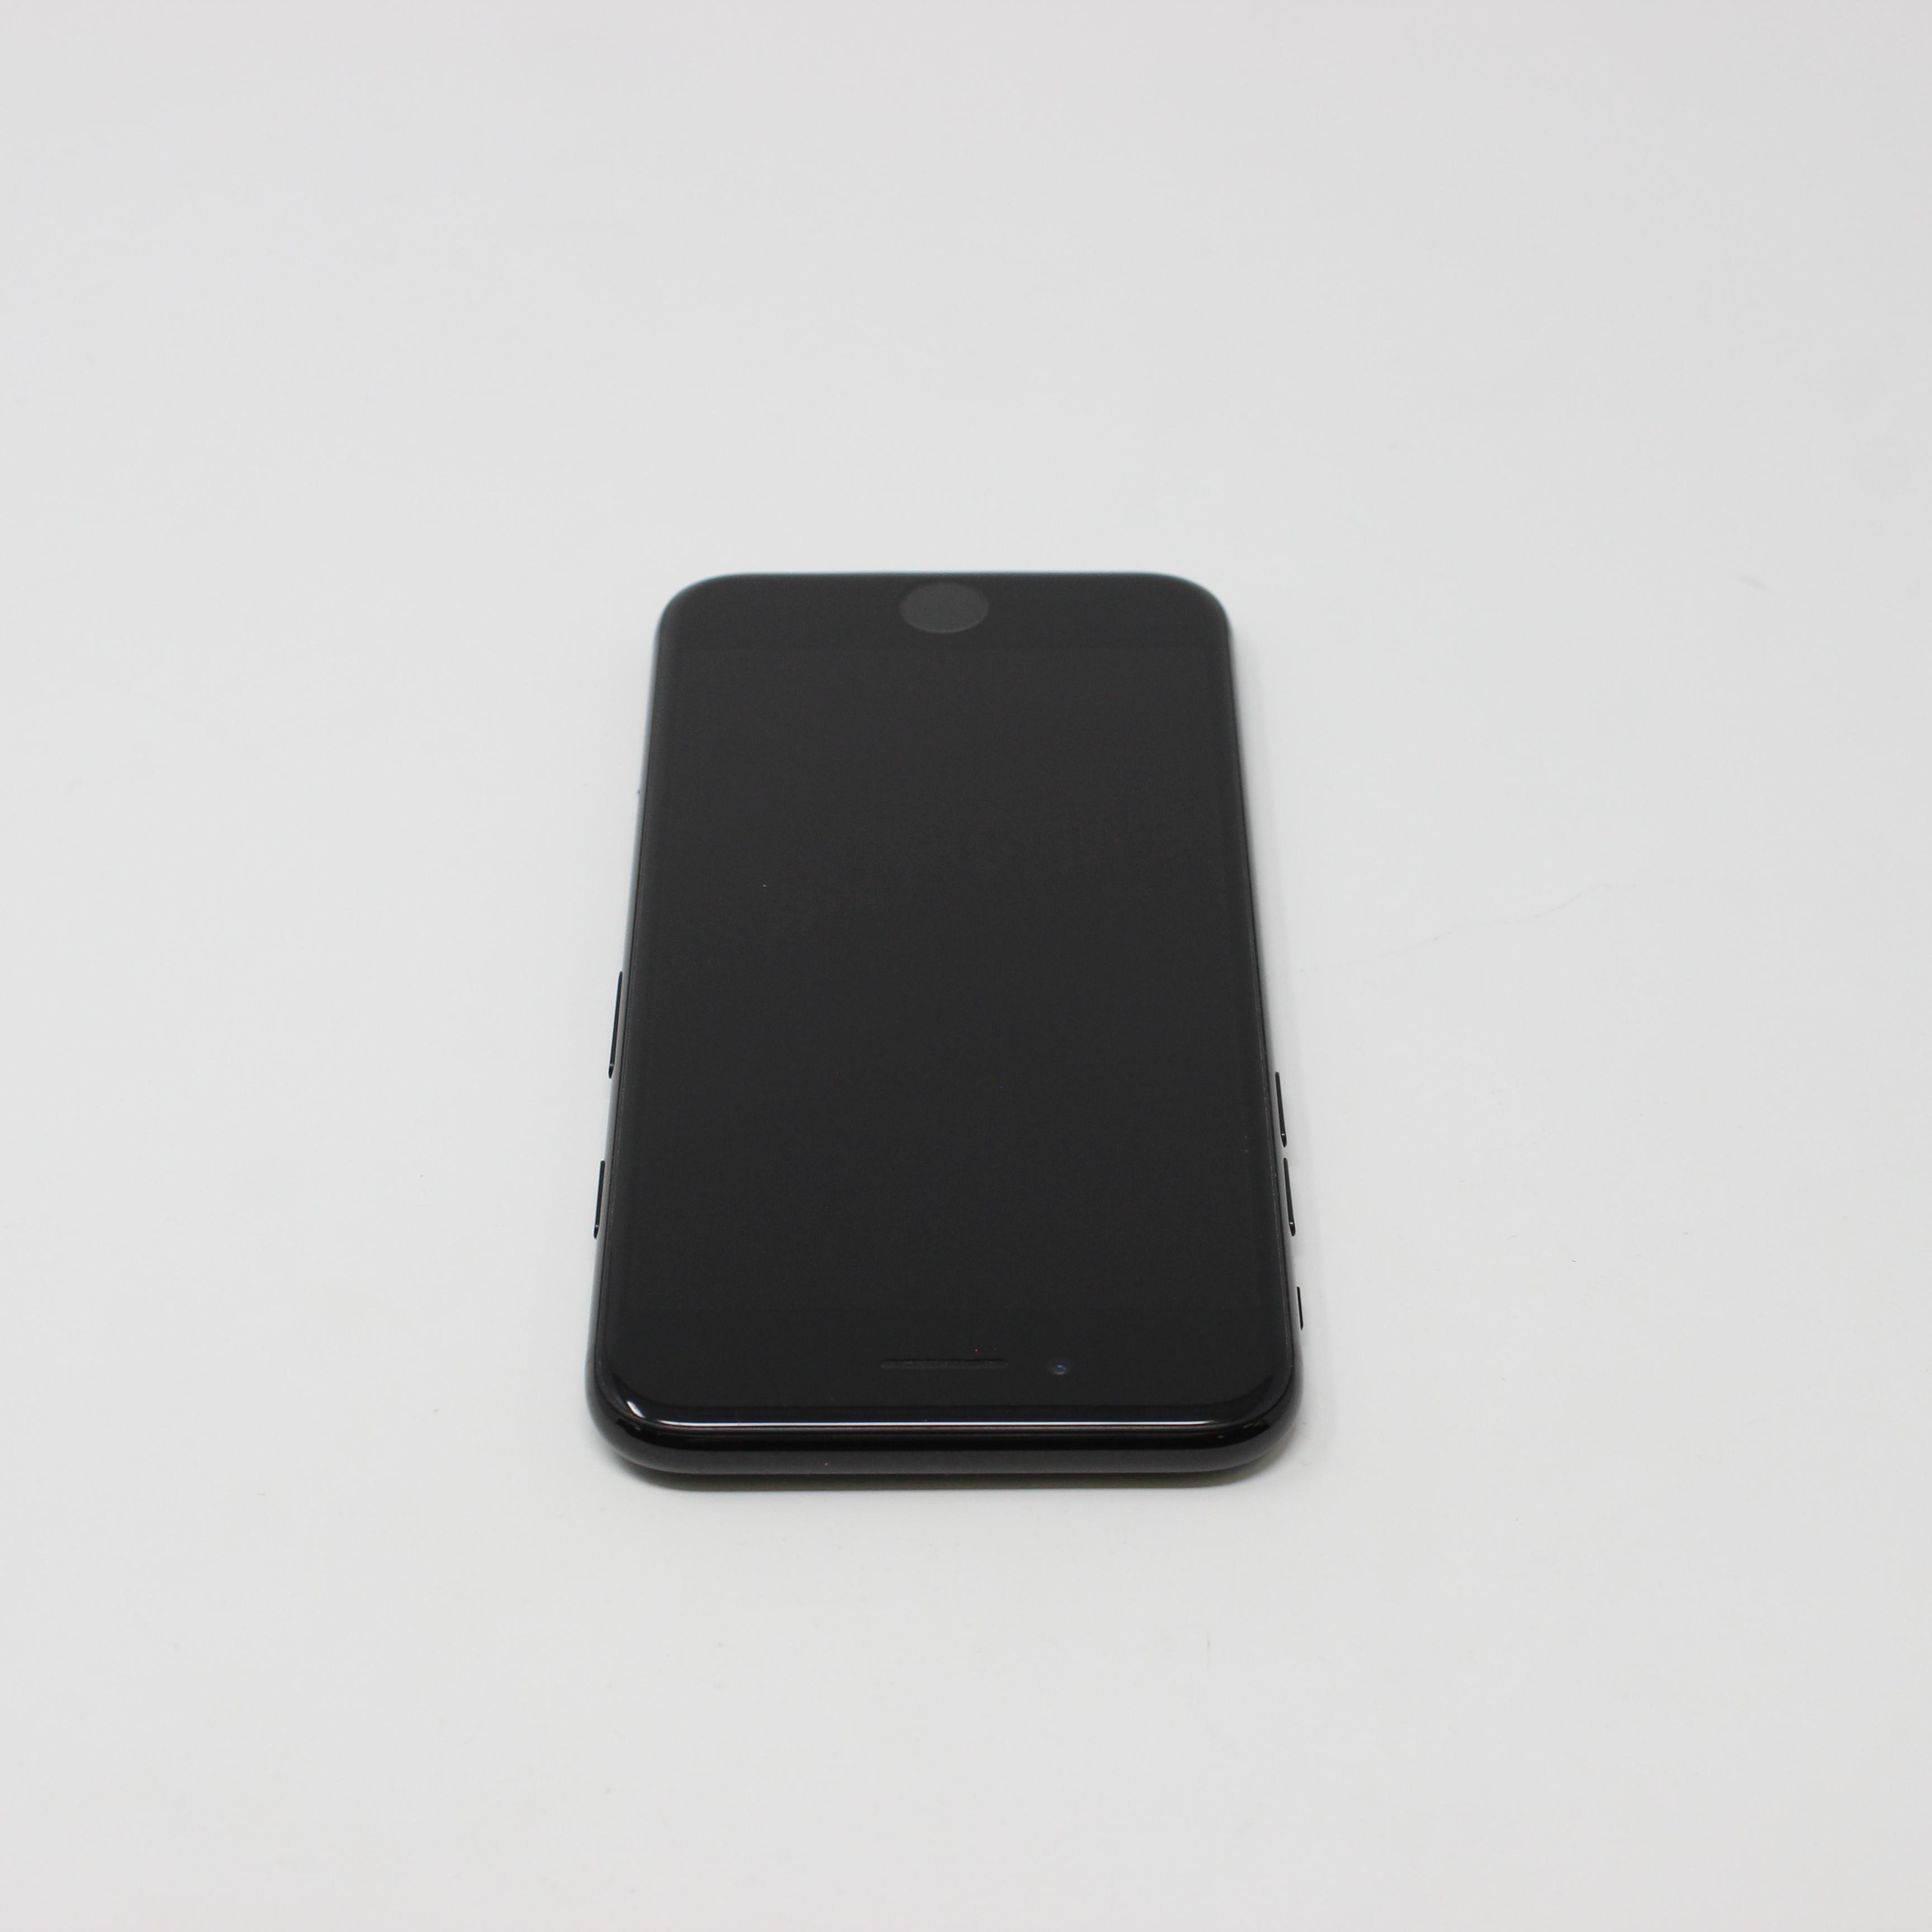 iPhone 7 128GB Black - AT&T photo 4   UpTradeit.com